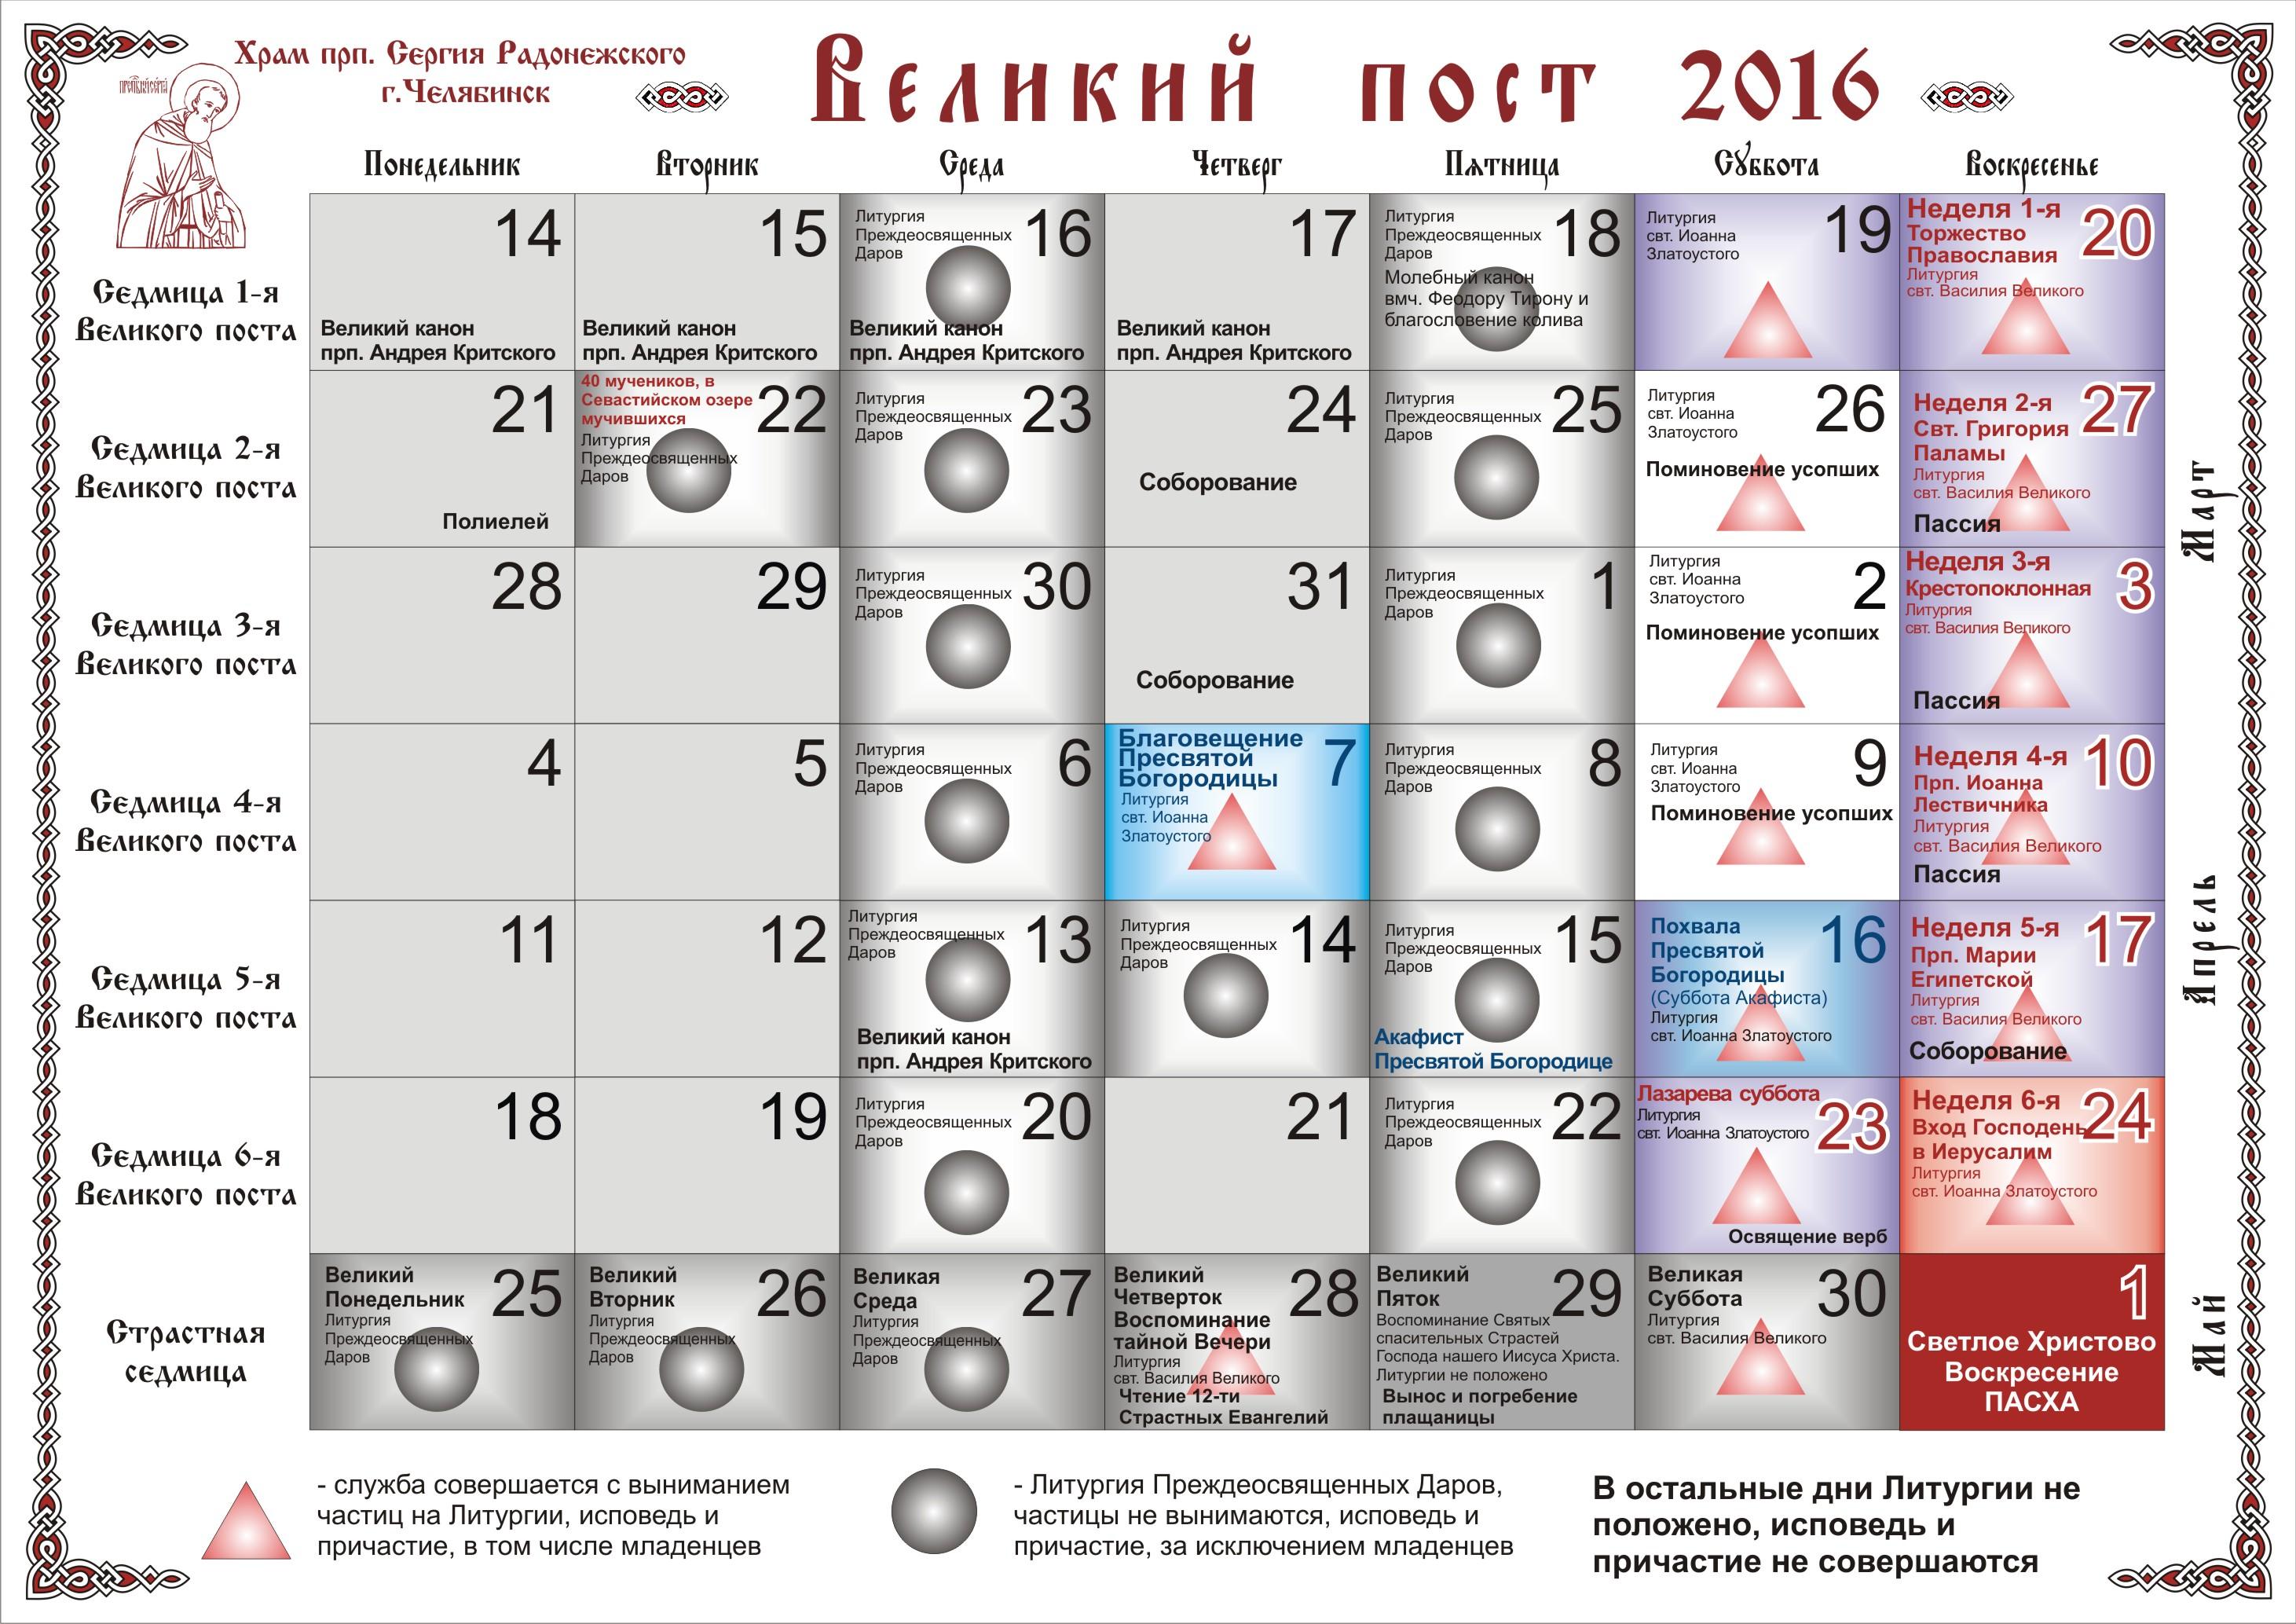 18 марта 2017 праздник в крыму